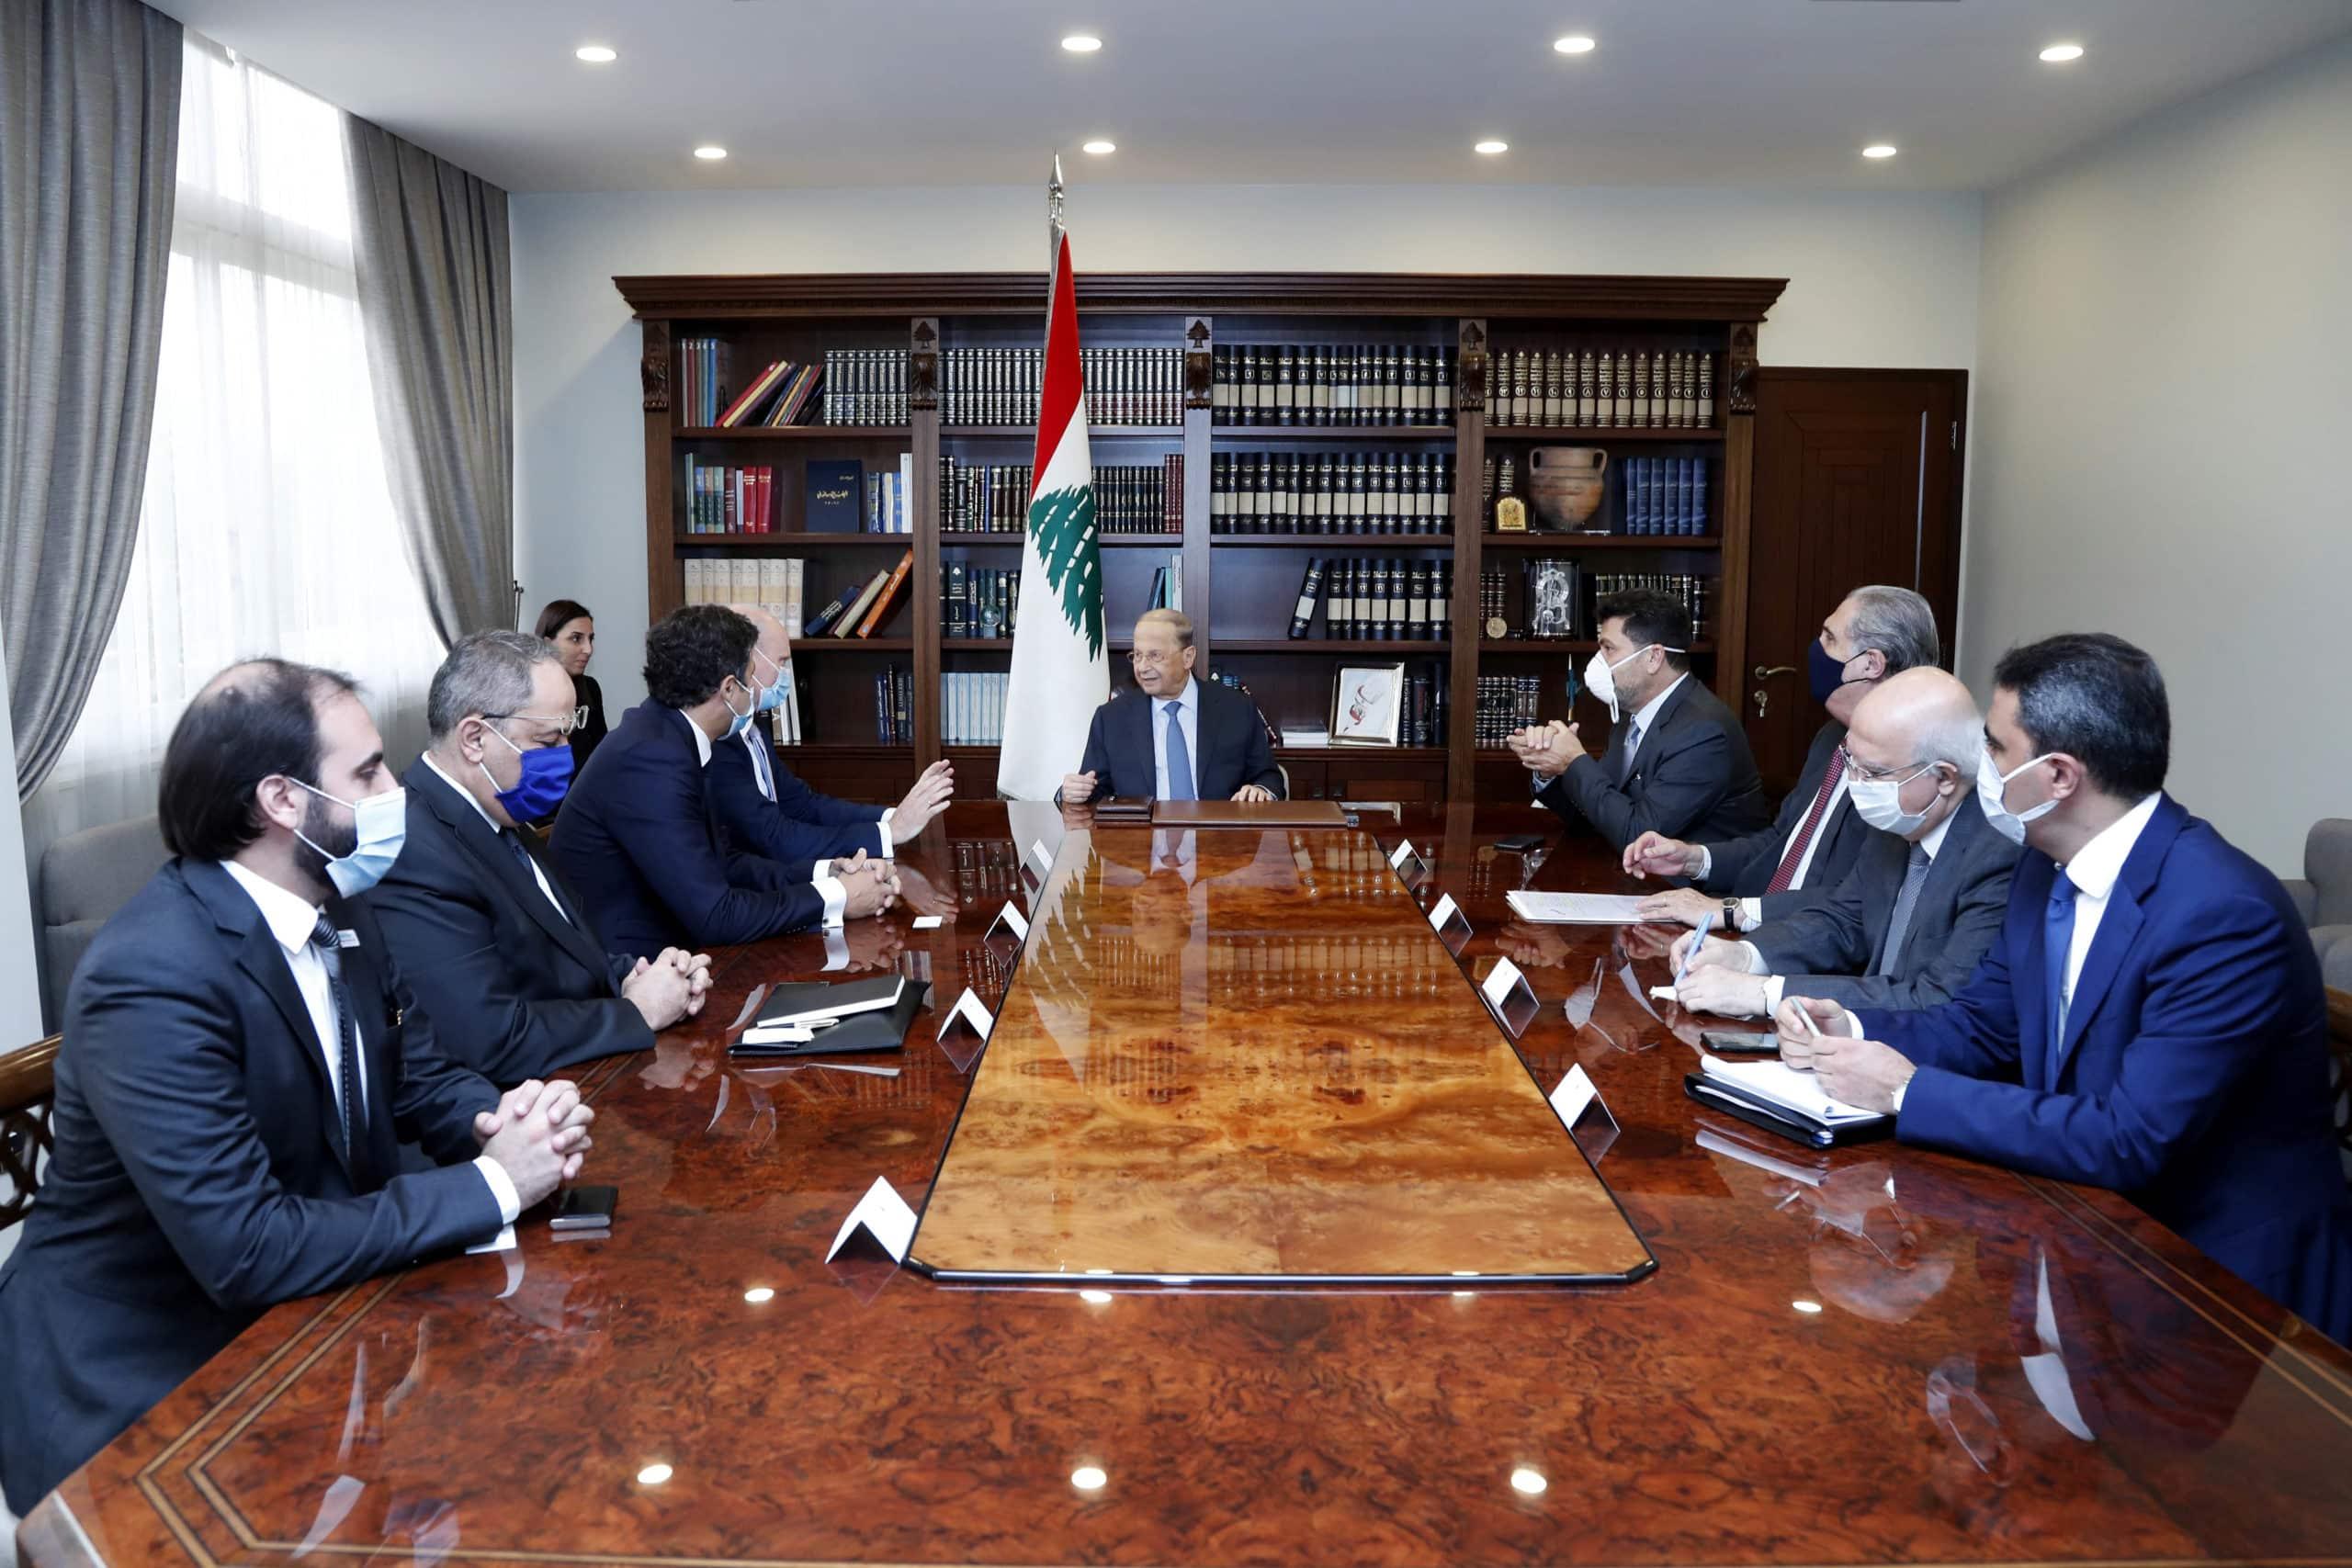 Le Président de la République libanaise rencontrant une délégation de Siemens, le 2 septembre 2020.